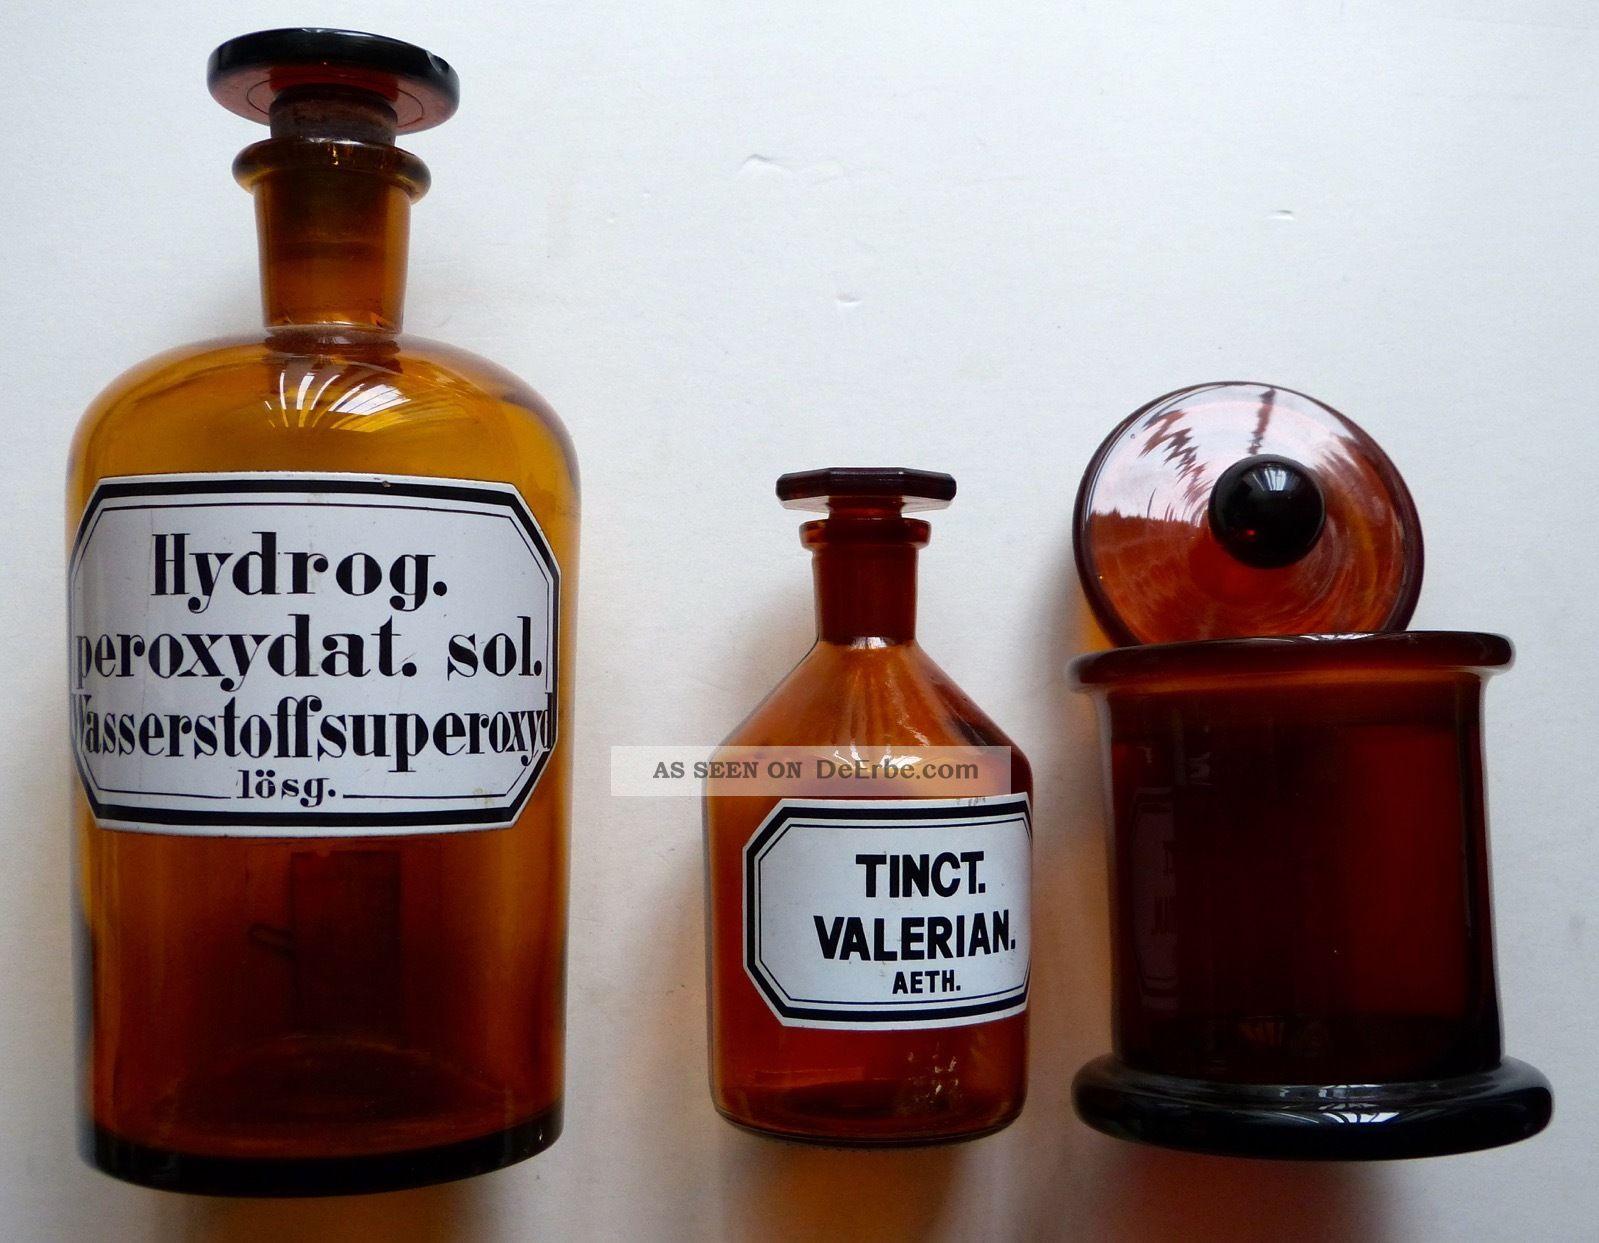 Apothekerflaschen Arzneiflasche Glas - Flasche Labor - Flaschen Medizingläser Arzt & Apotheker Bild